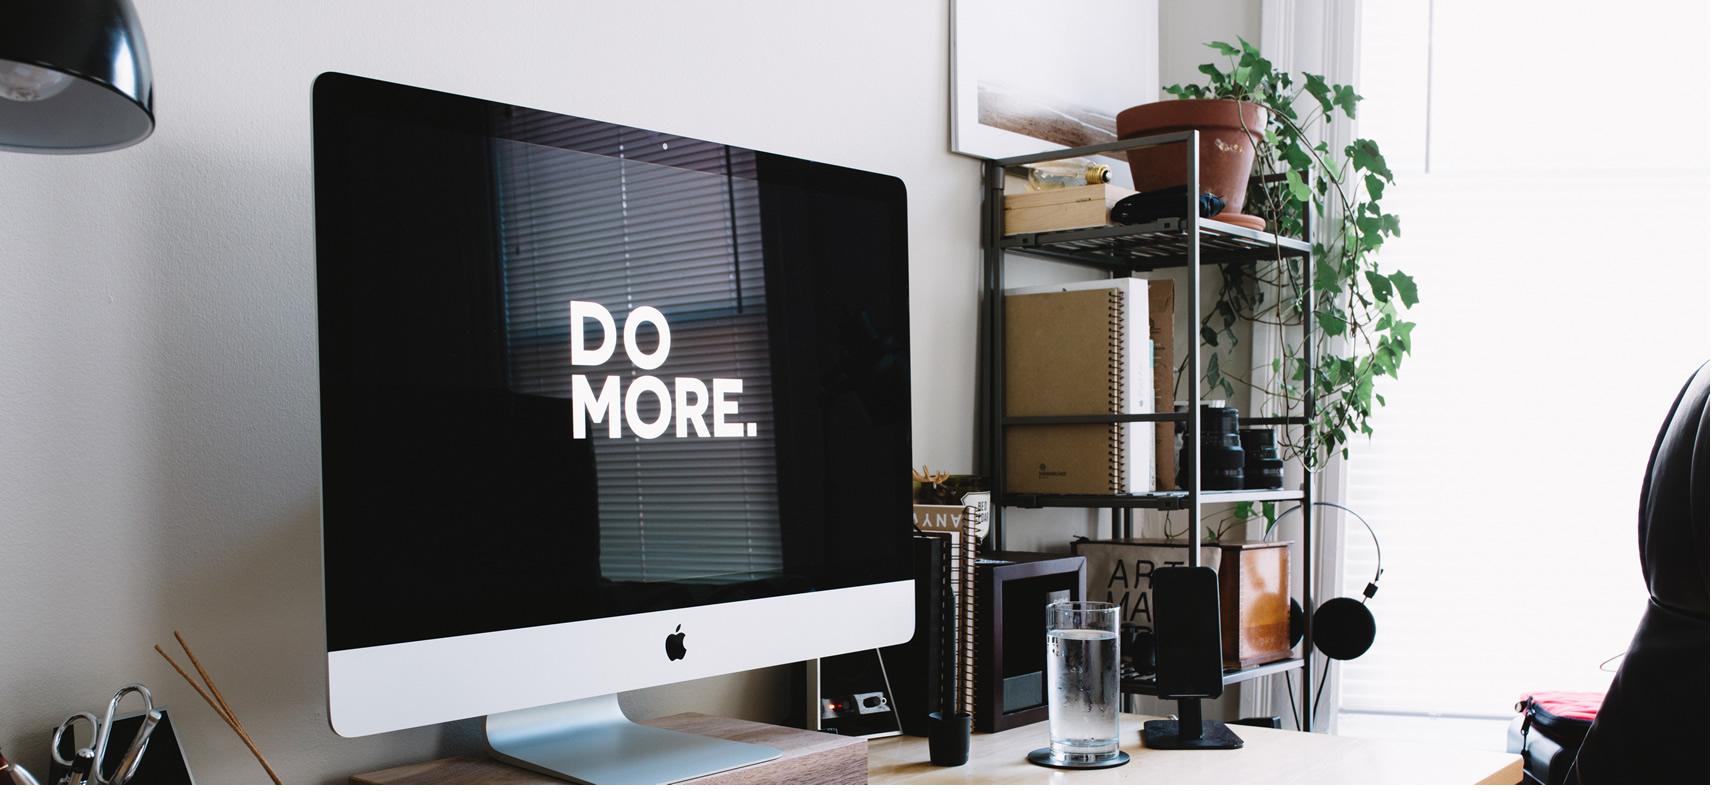 Sejam bem-vindos ao blog sobre a tecnologia que impulsiona o marketing digital